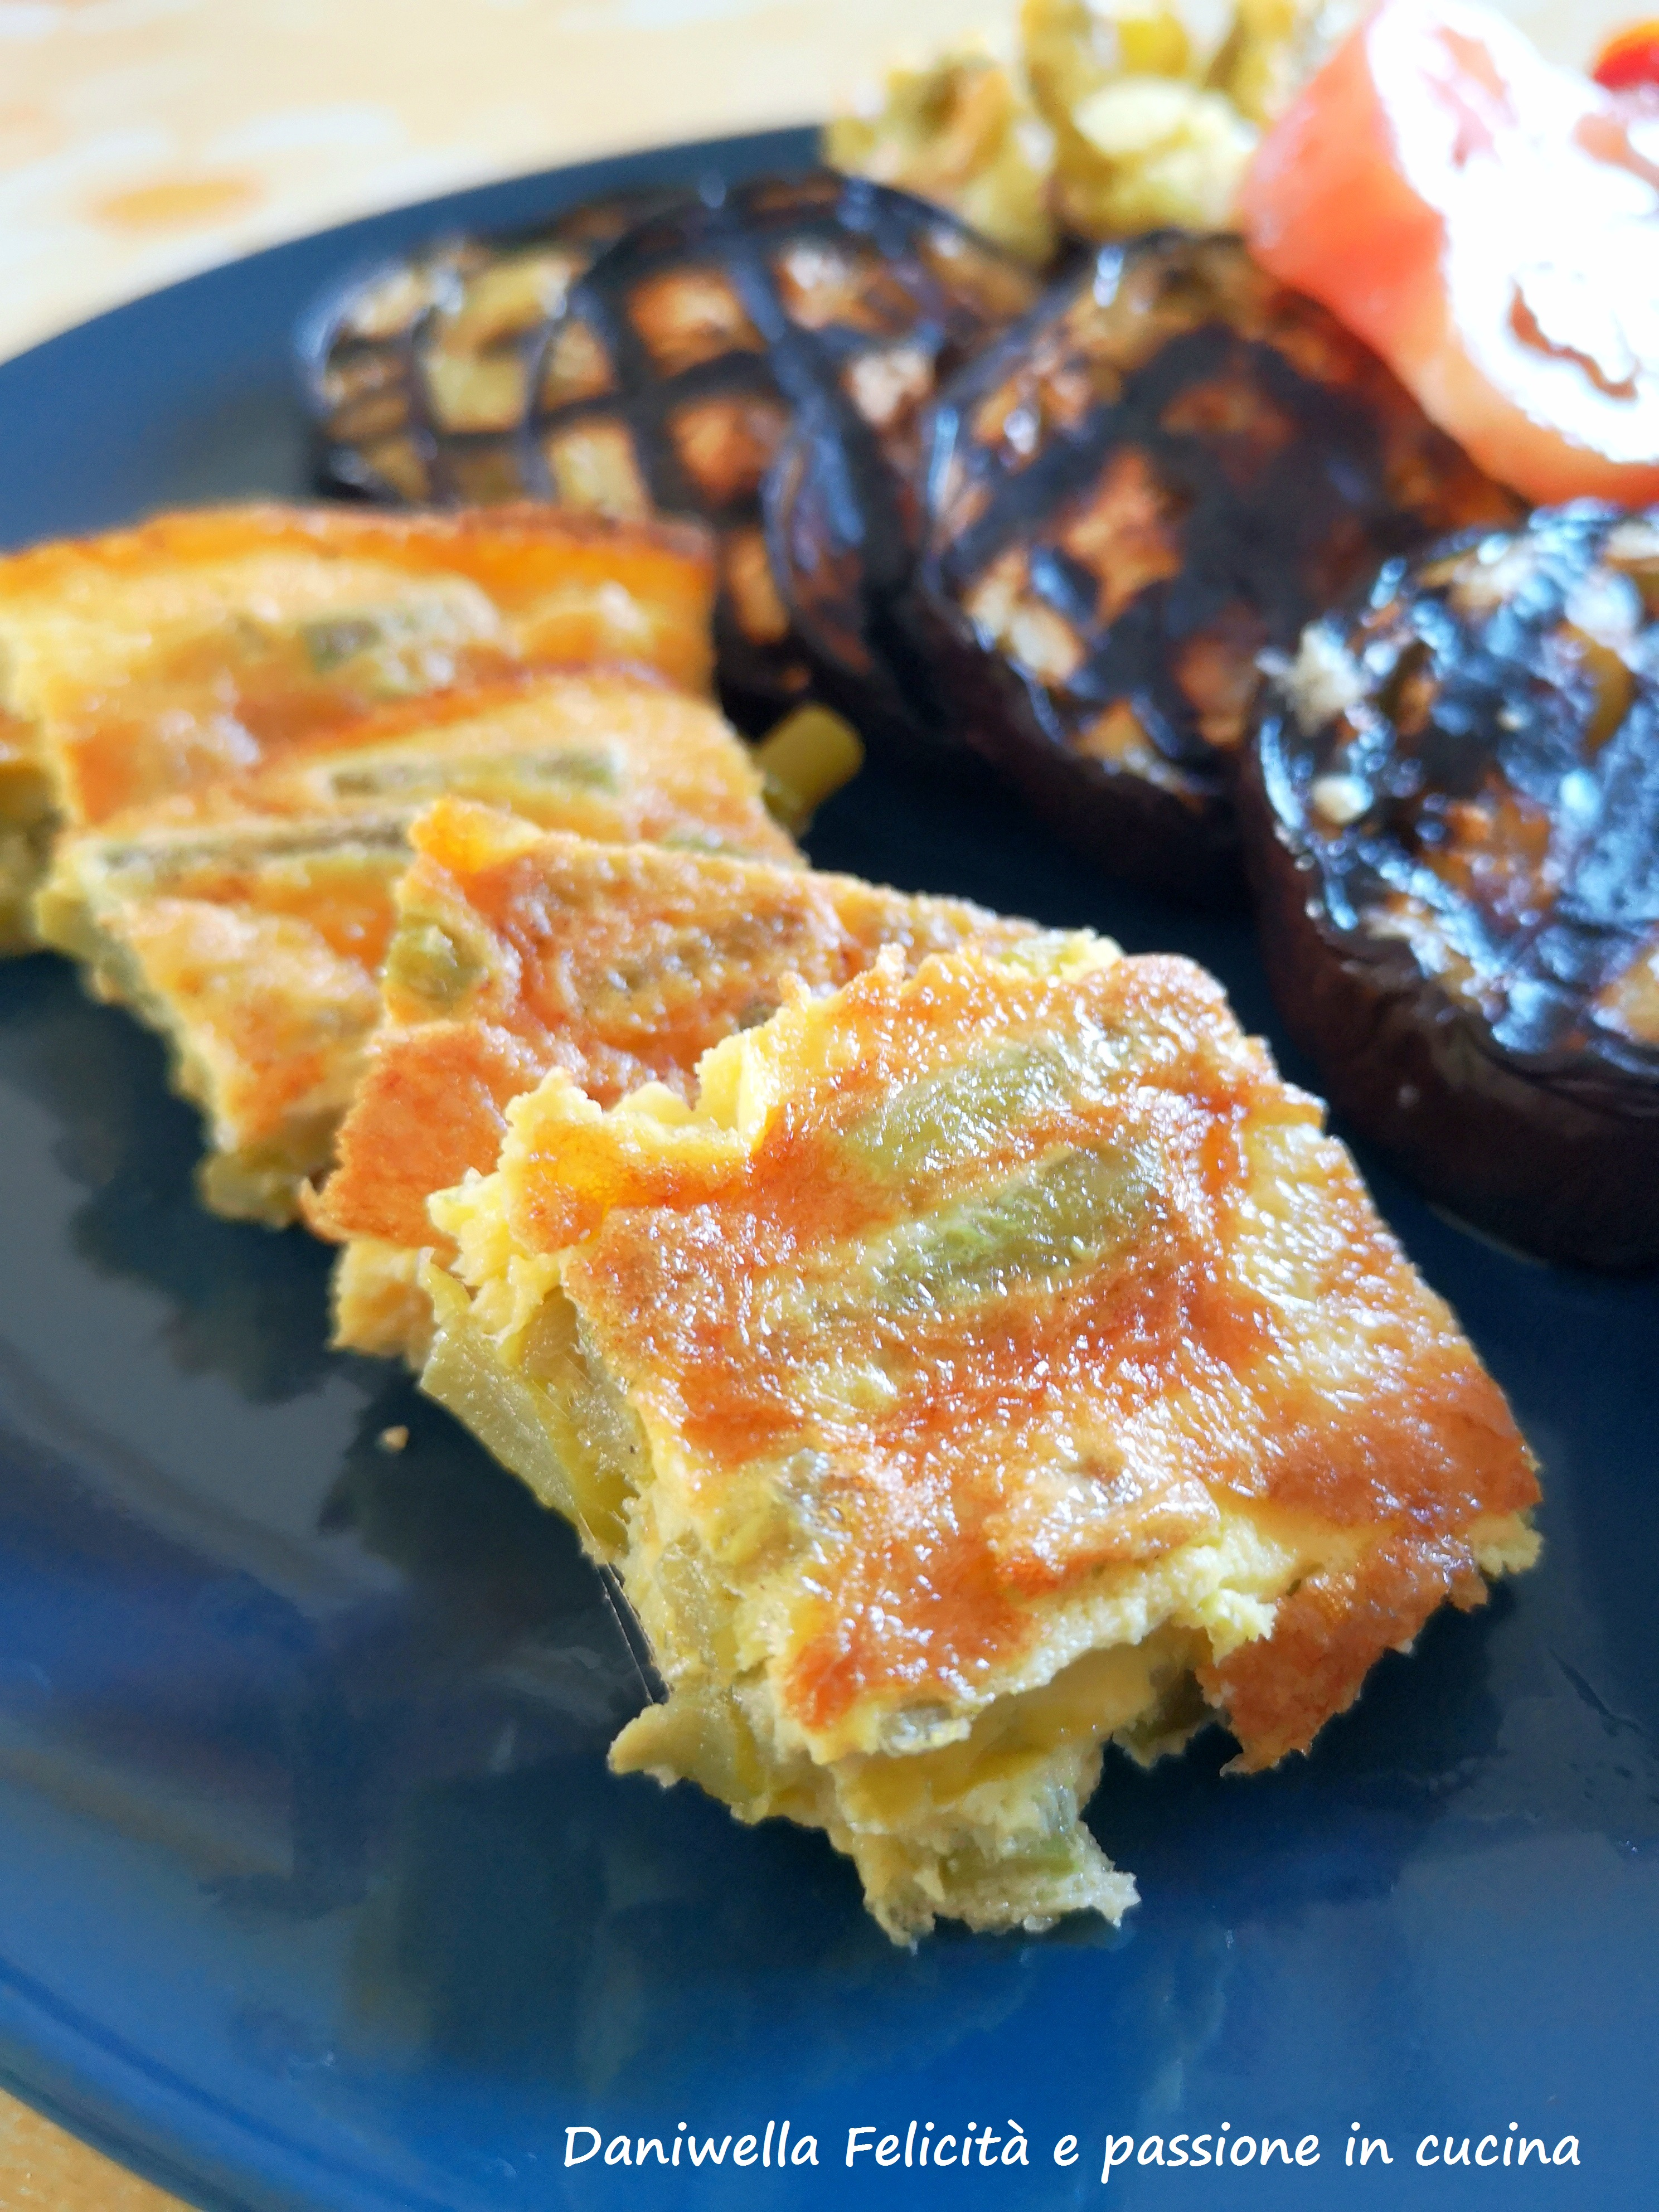 Servite la frittata con le tolle dell'aglio a spicchi o a cubotti calda, tiepida o a temperatura ambiente.